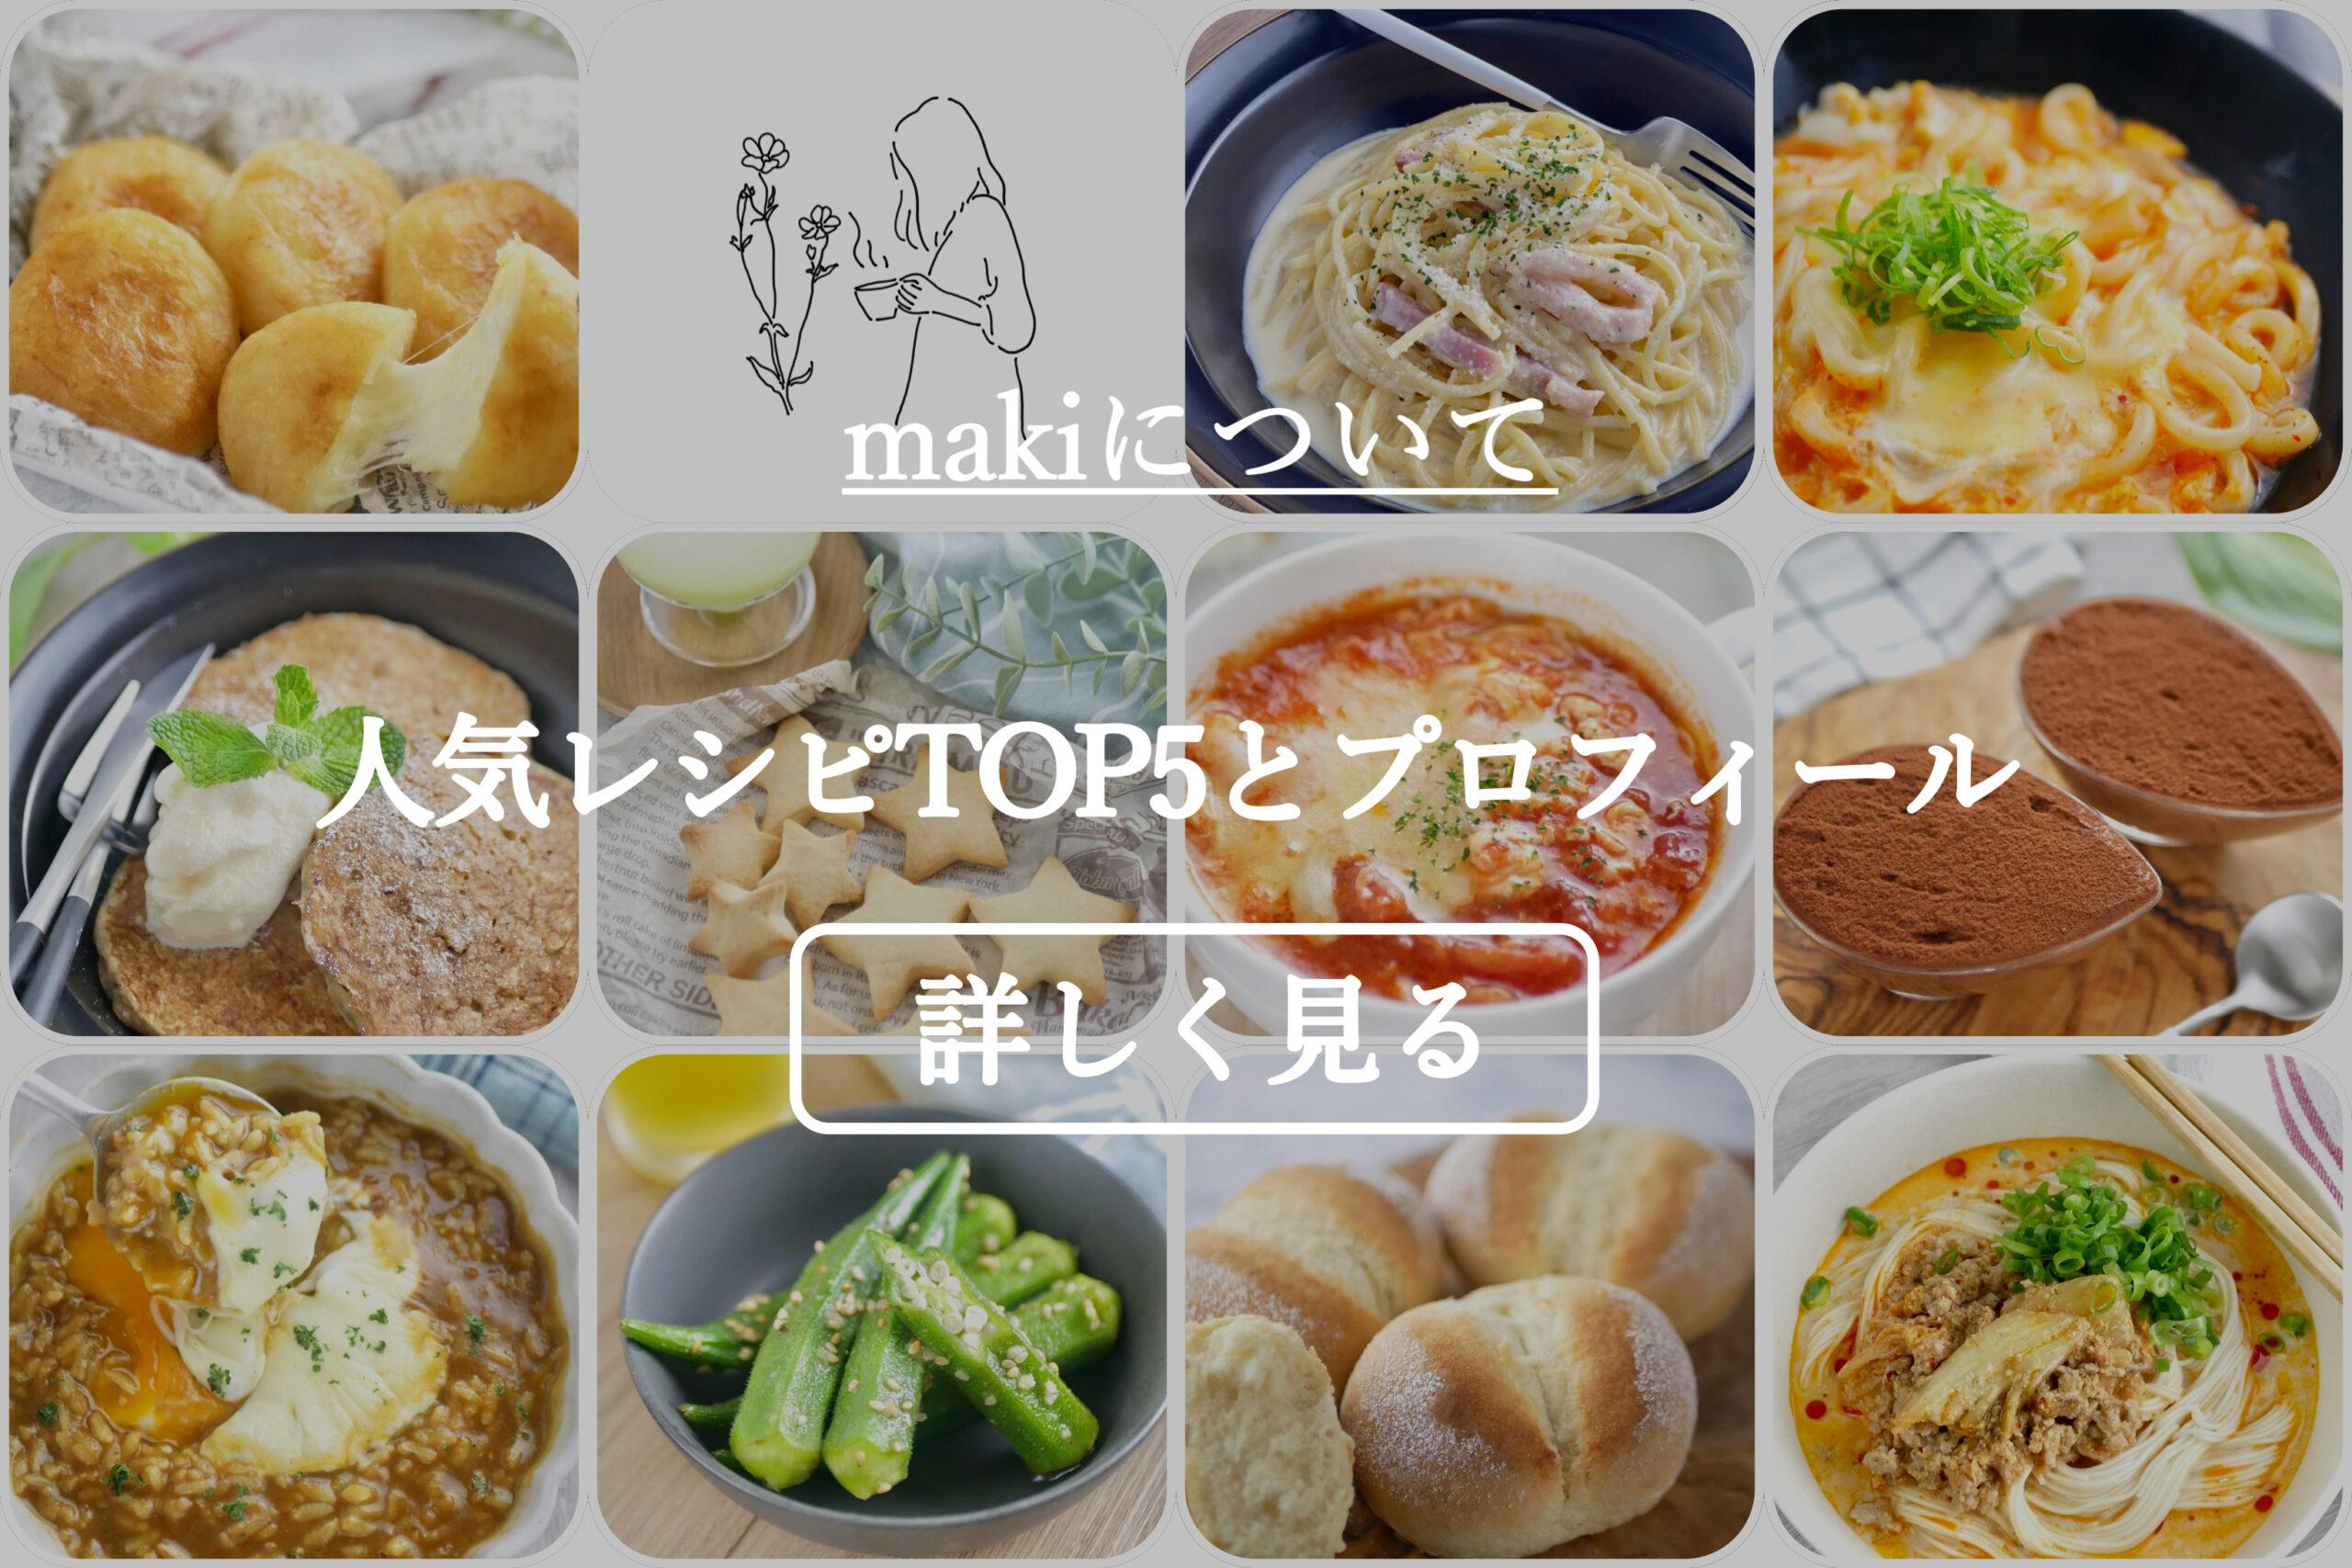 maki.recipe レシピ